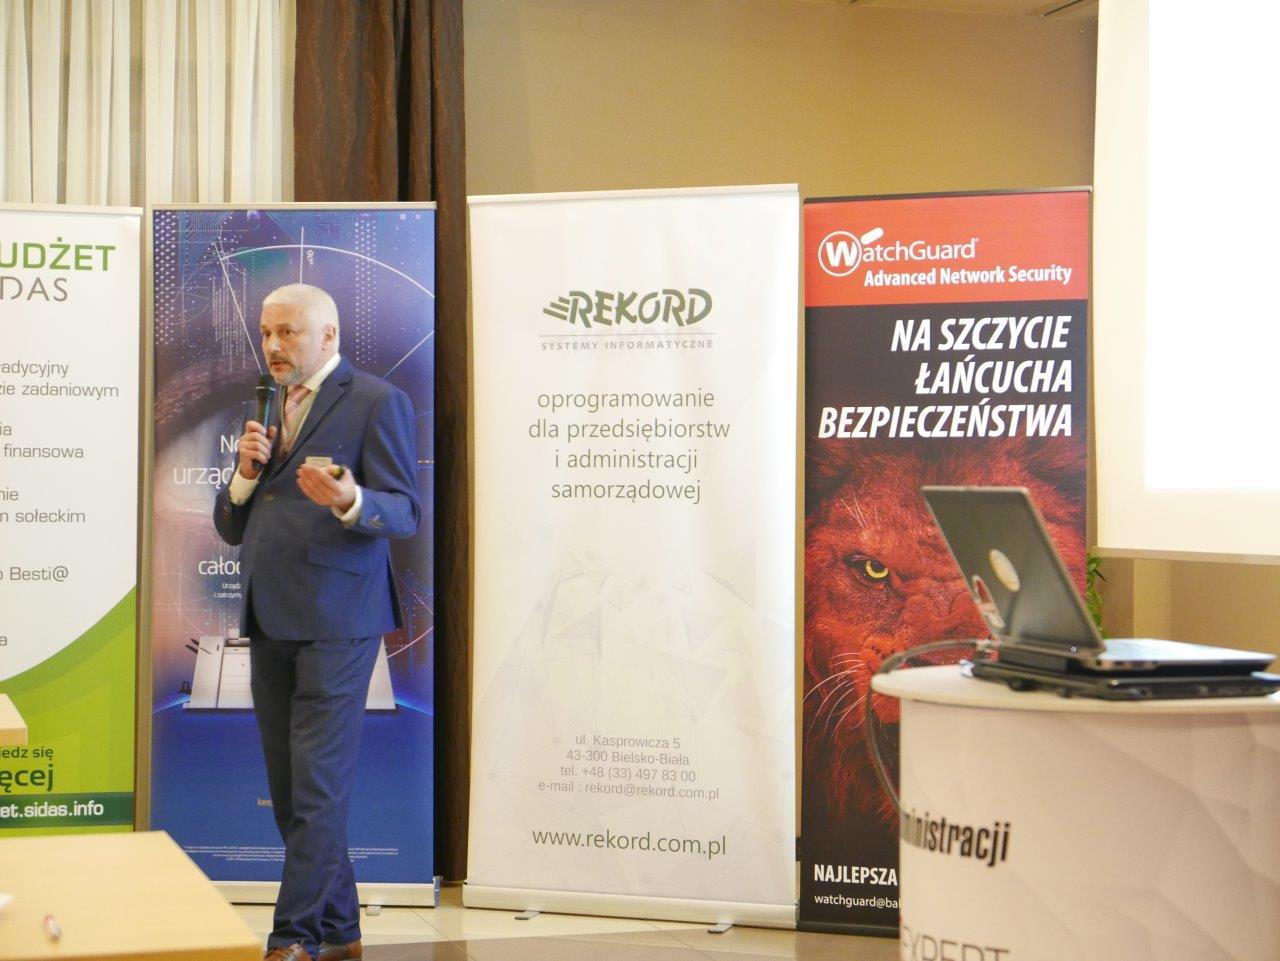 Śląski Konwent Informatyków